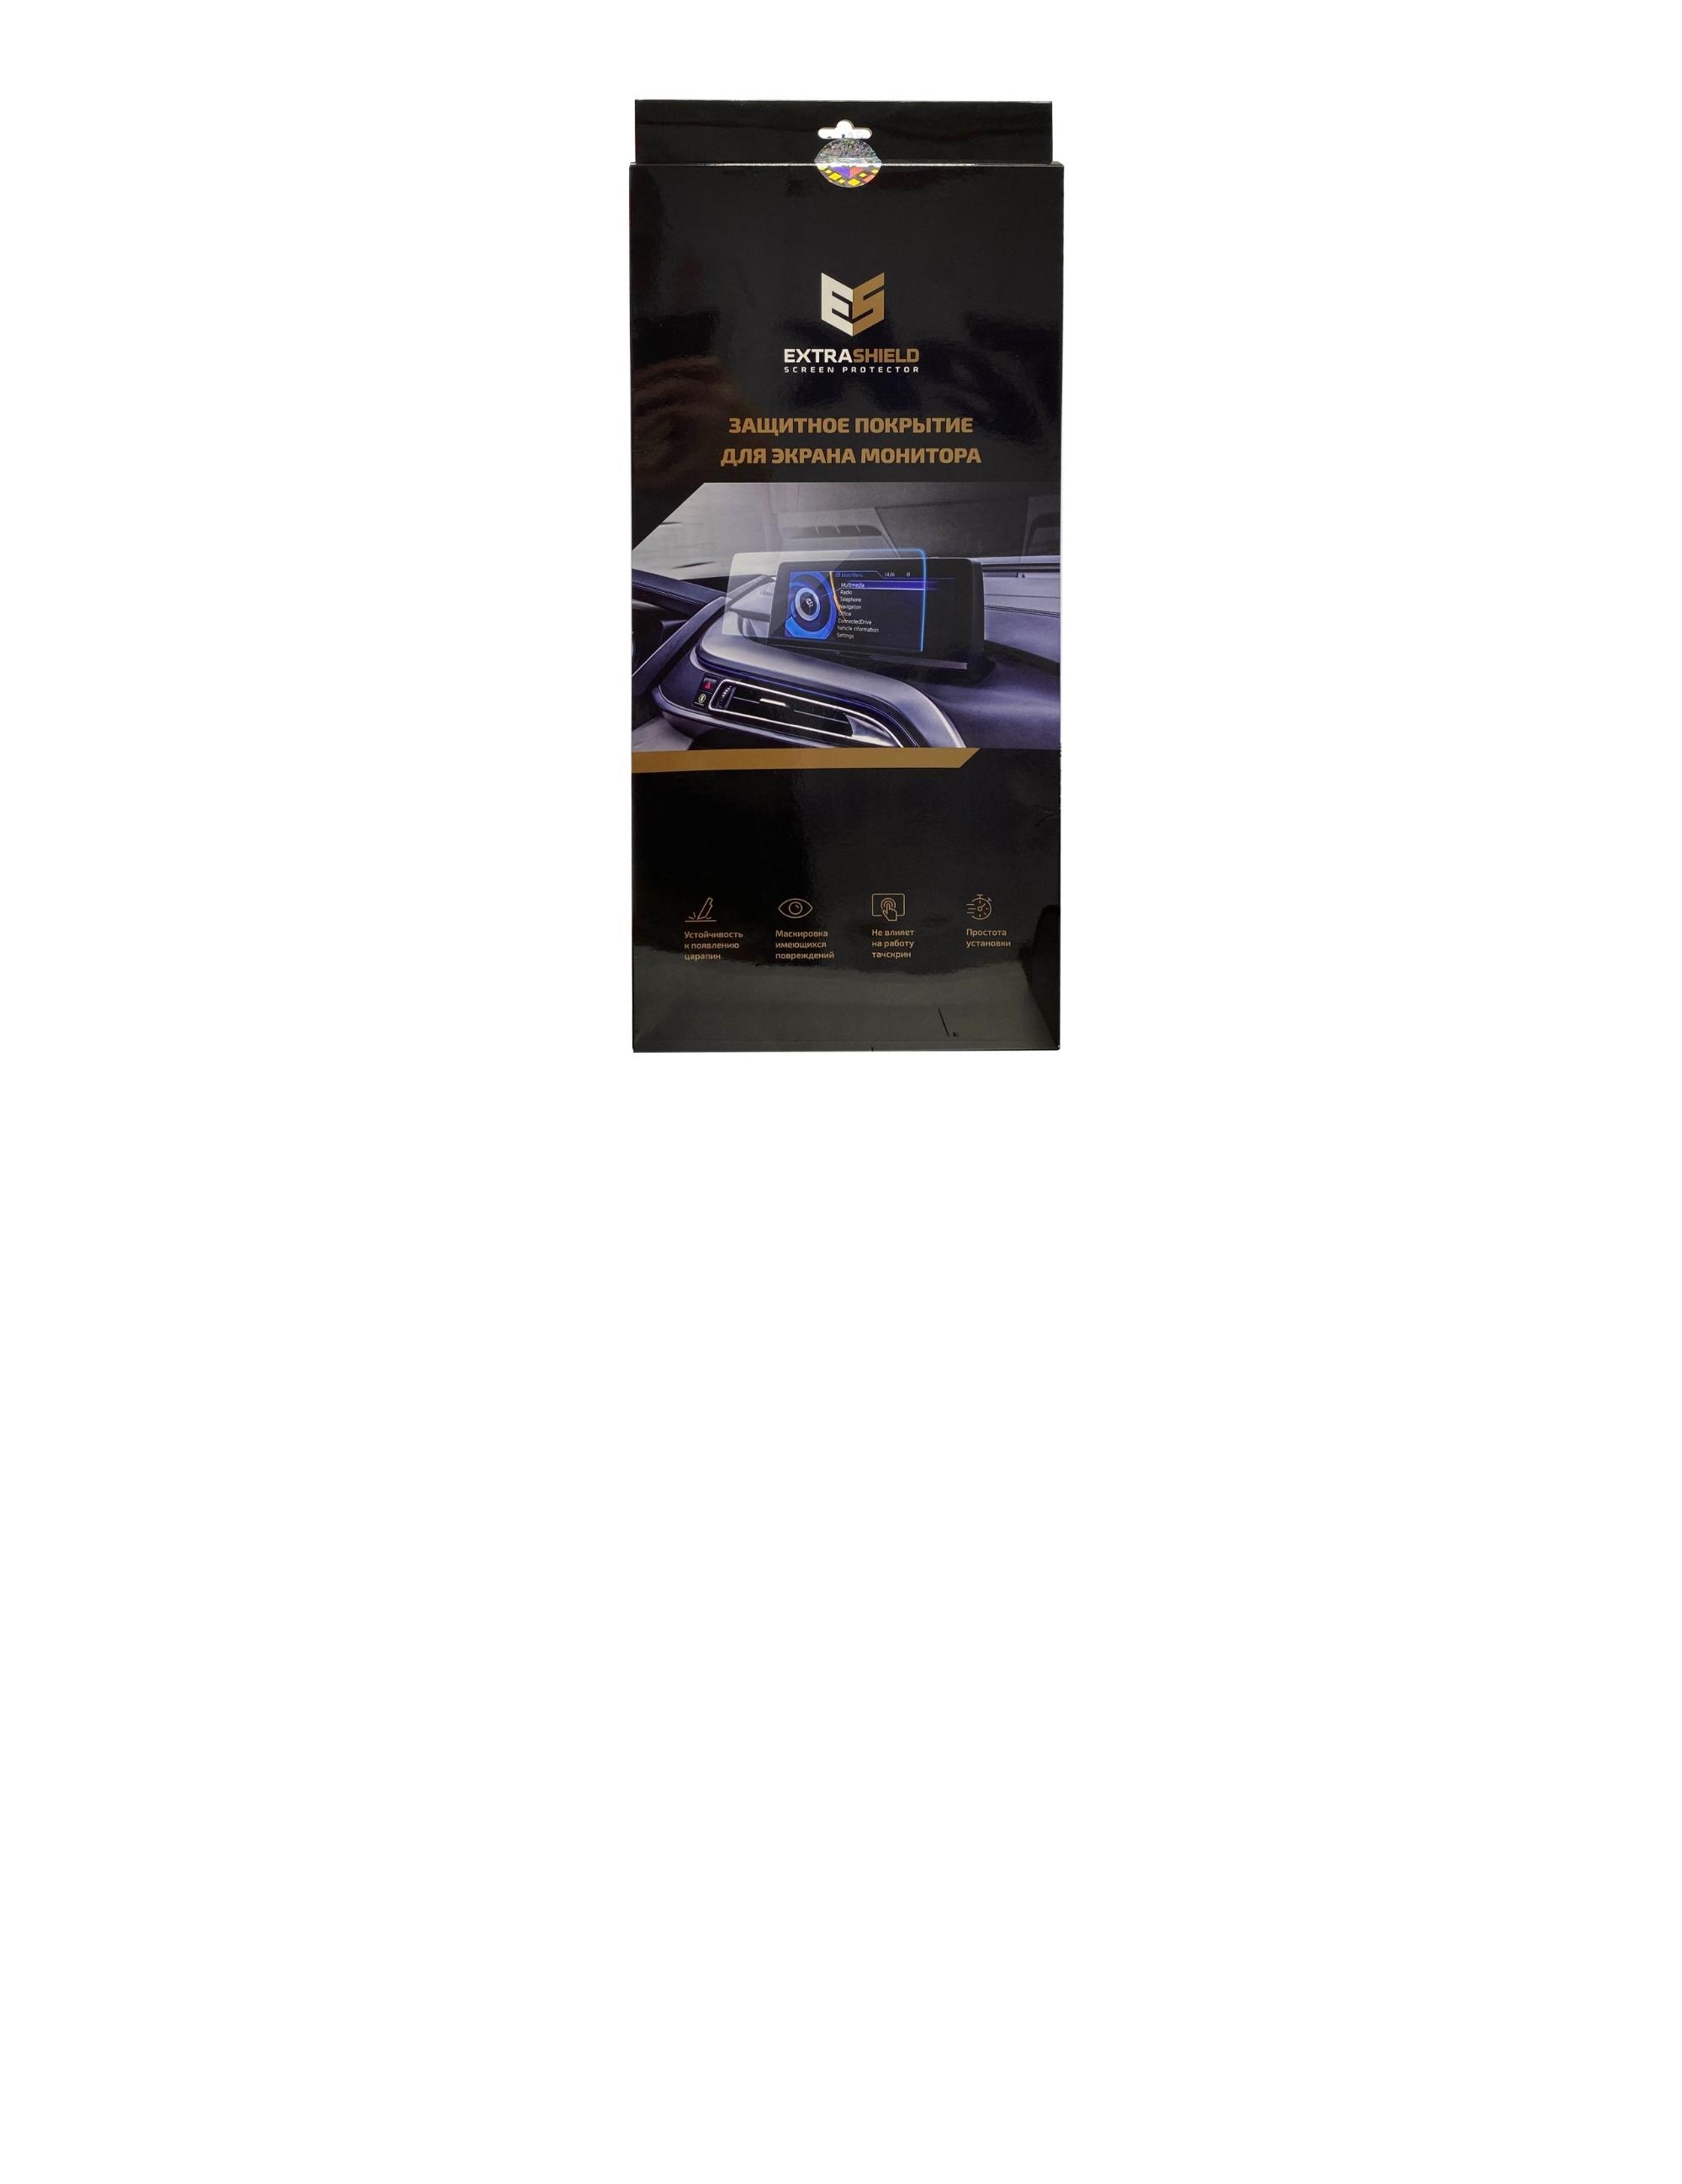 BMW 4 серия (G22) 2020 - н.в. приборная панель (без датчика) 12,3 Статическая пленка Глянец